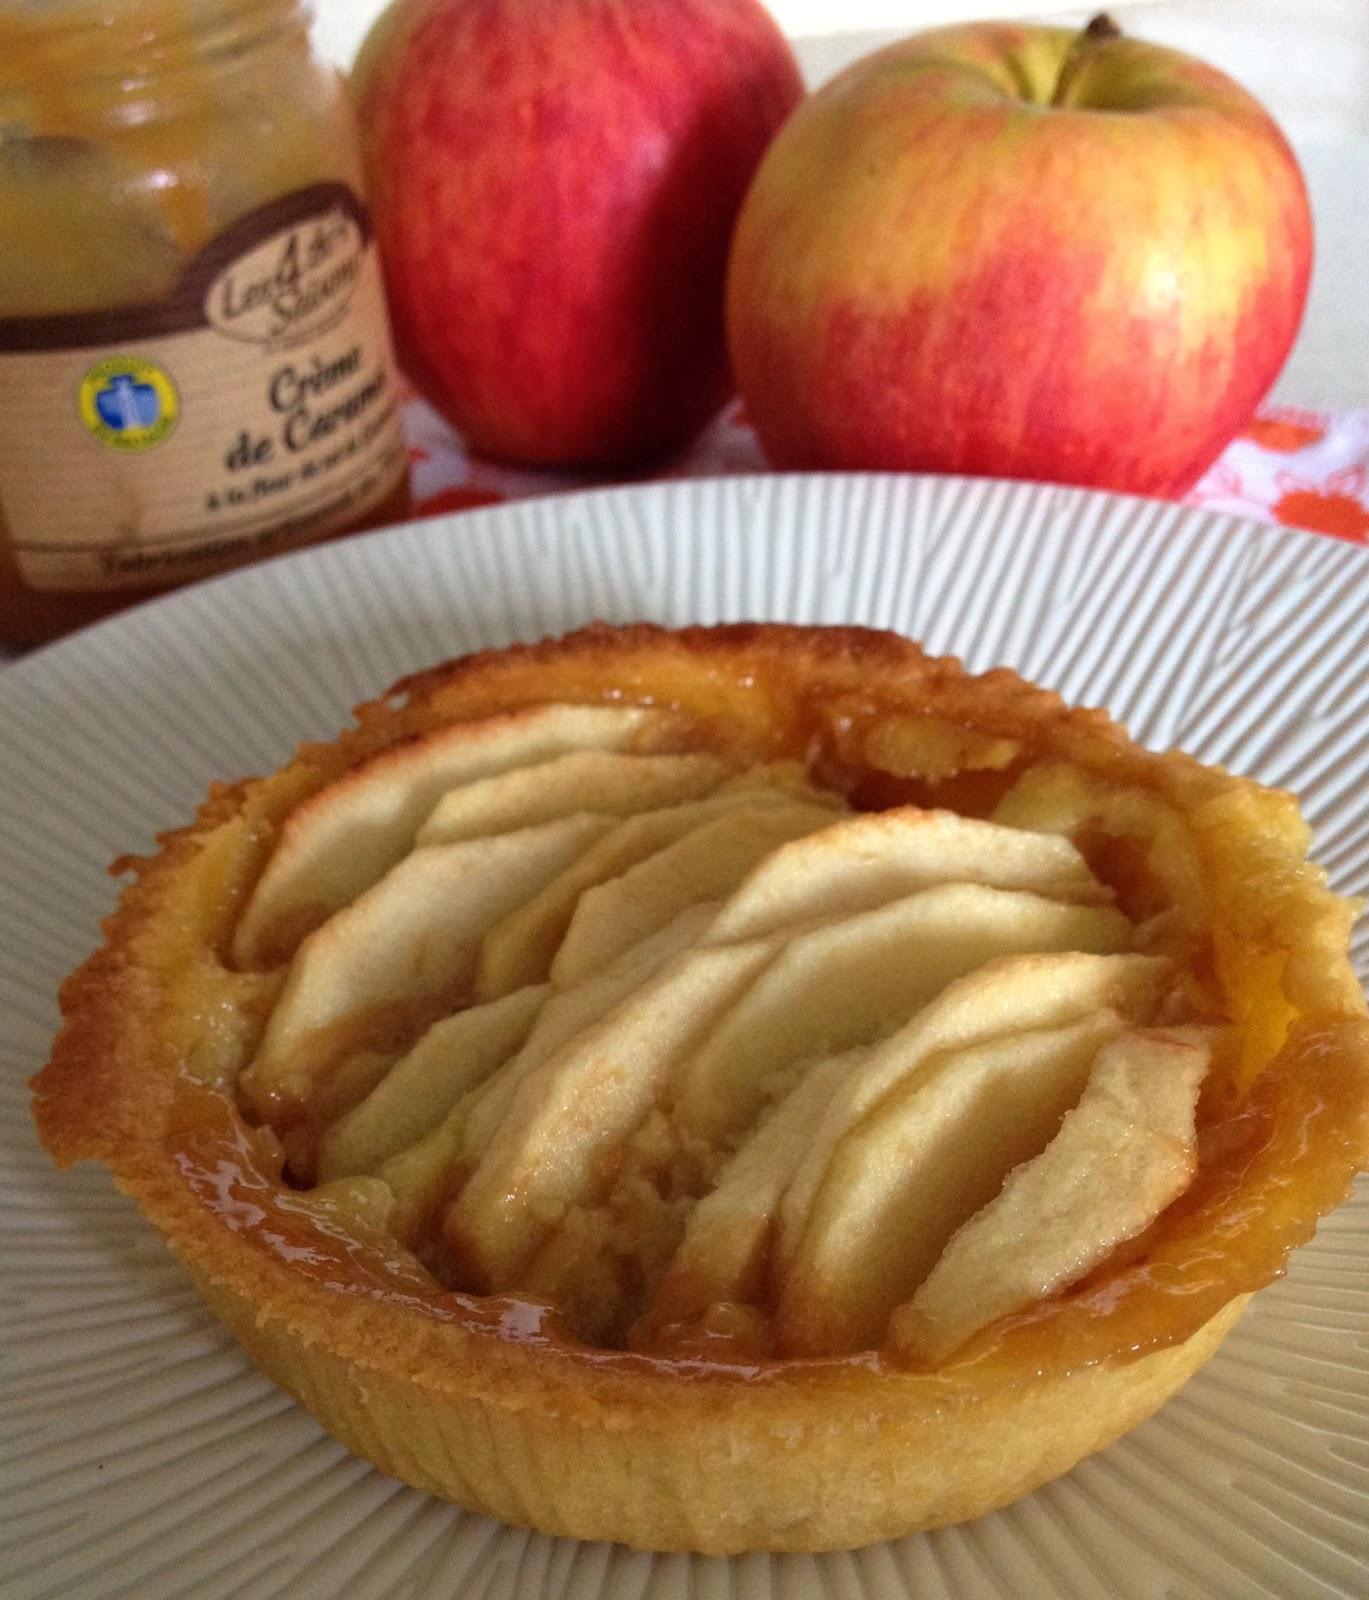 Sweet Kwisine, pommes, tarte aux pommes, caramel beurre salé, CBS, crème pâtissière, vanille